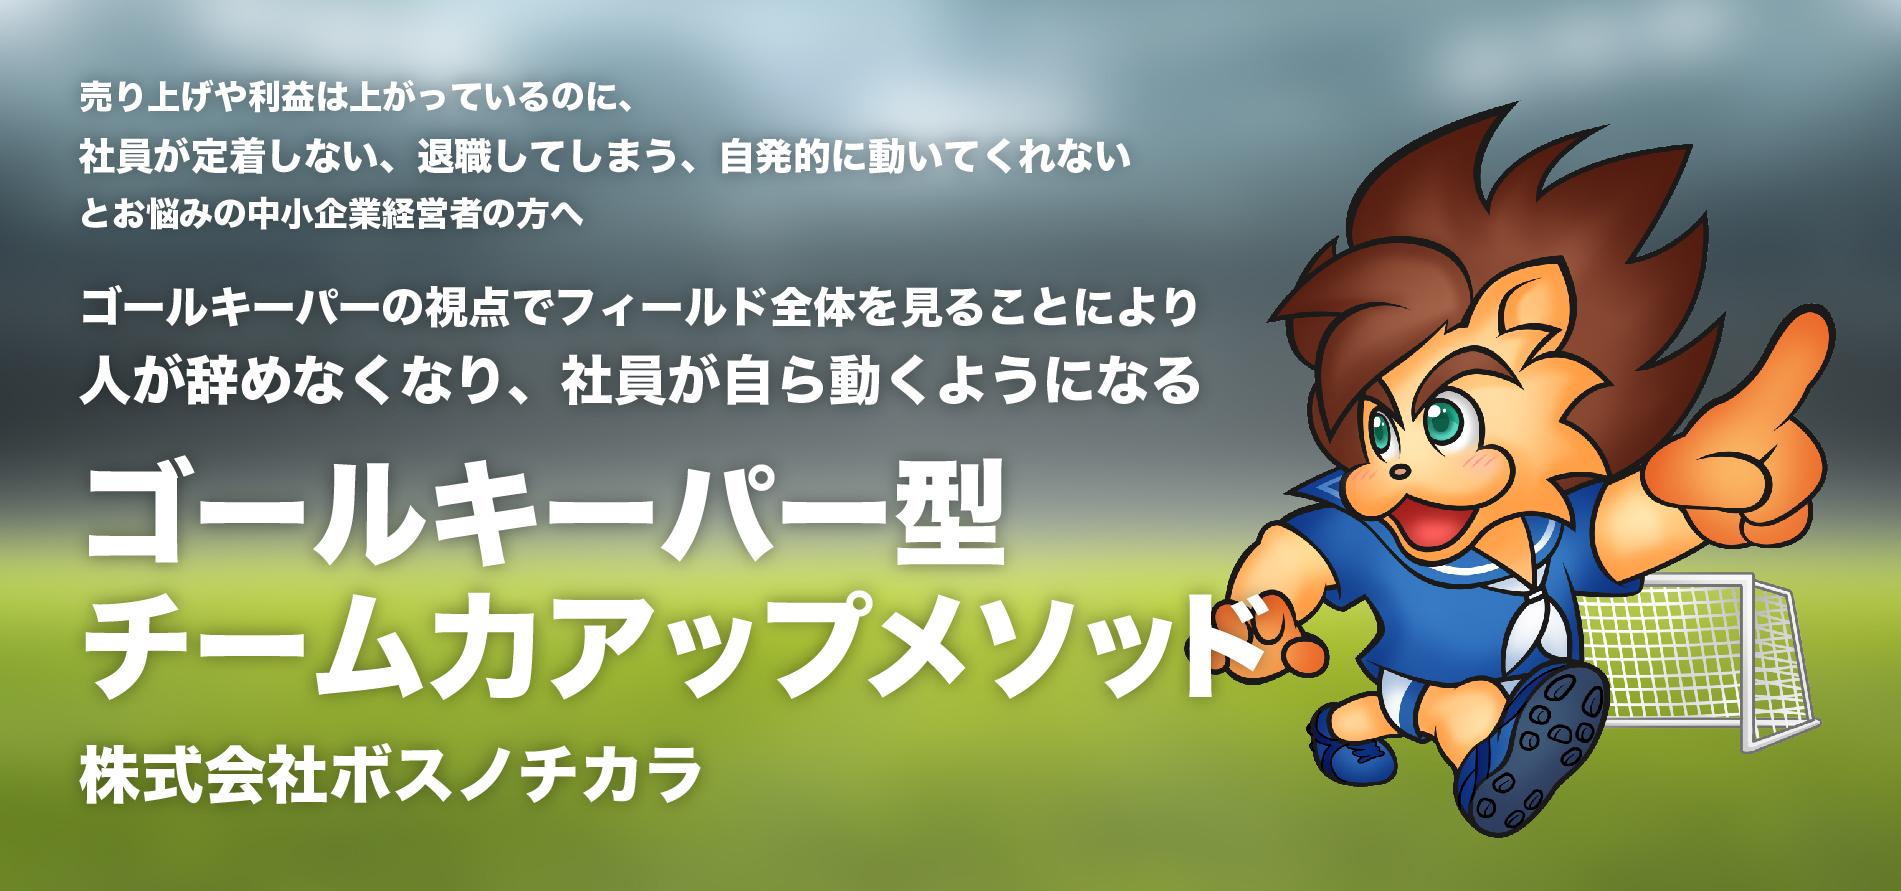 http://bosspower.co.jp/wp-content/uploads/2019/11/main_sp-100.jpg